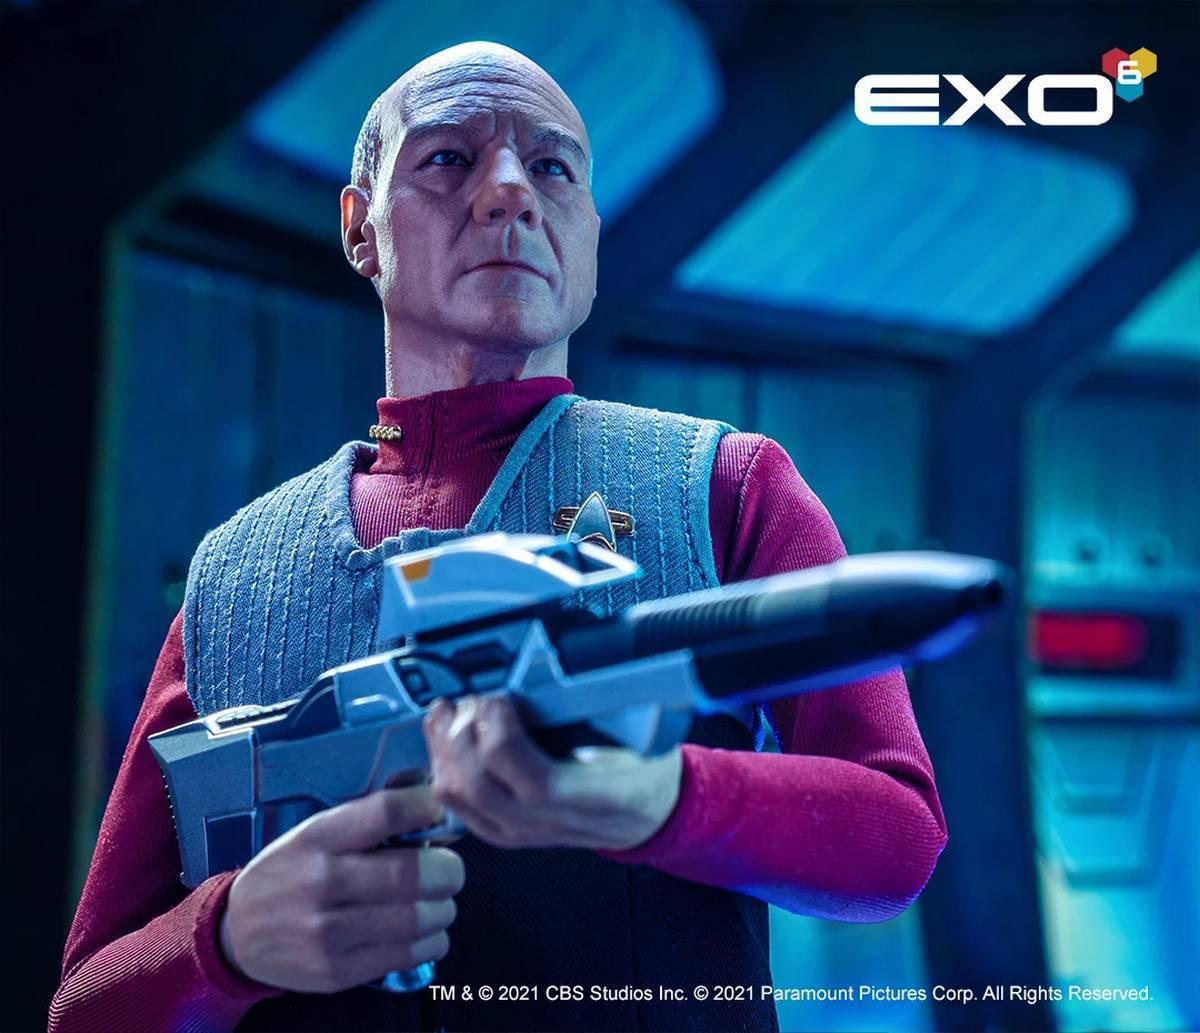 Star Trek First Contact Picard Exo 6 2